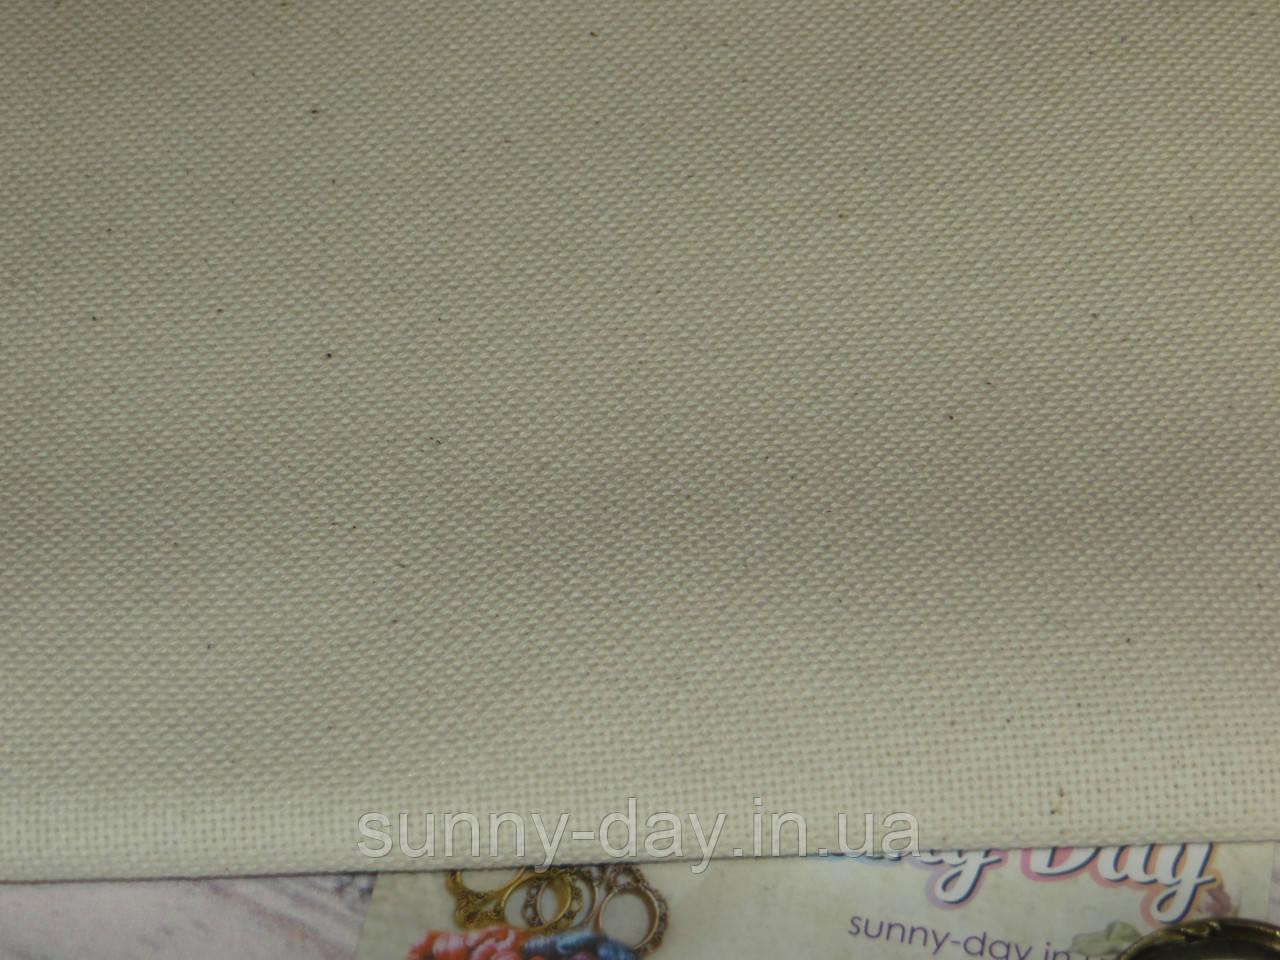 3835/899, Lugana, цвет - Calico (калико), 25ct